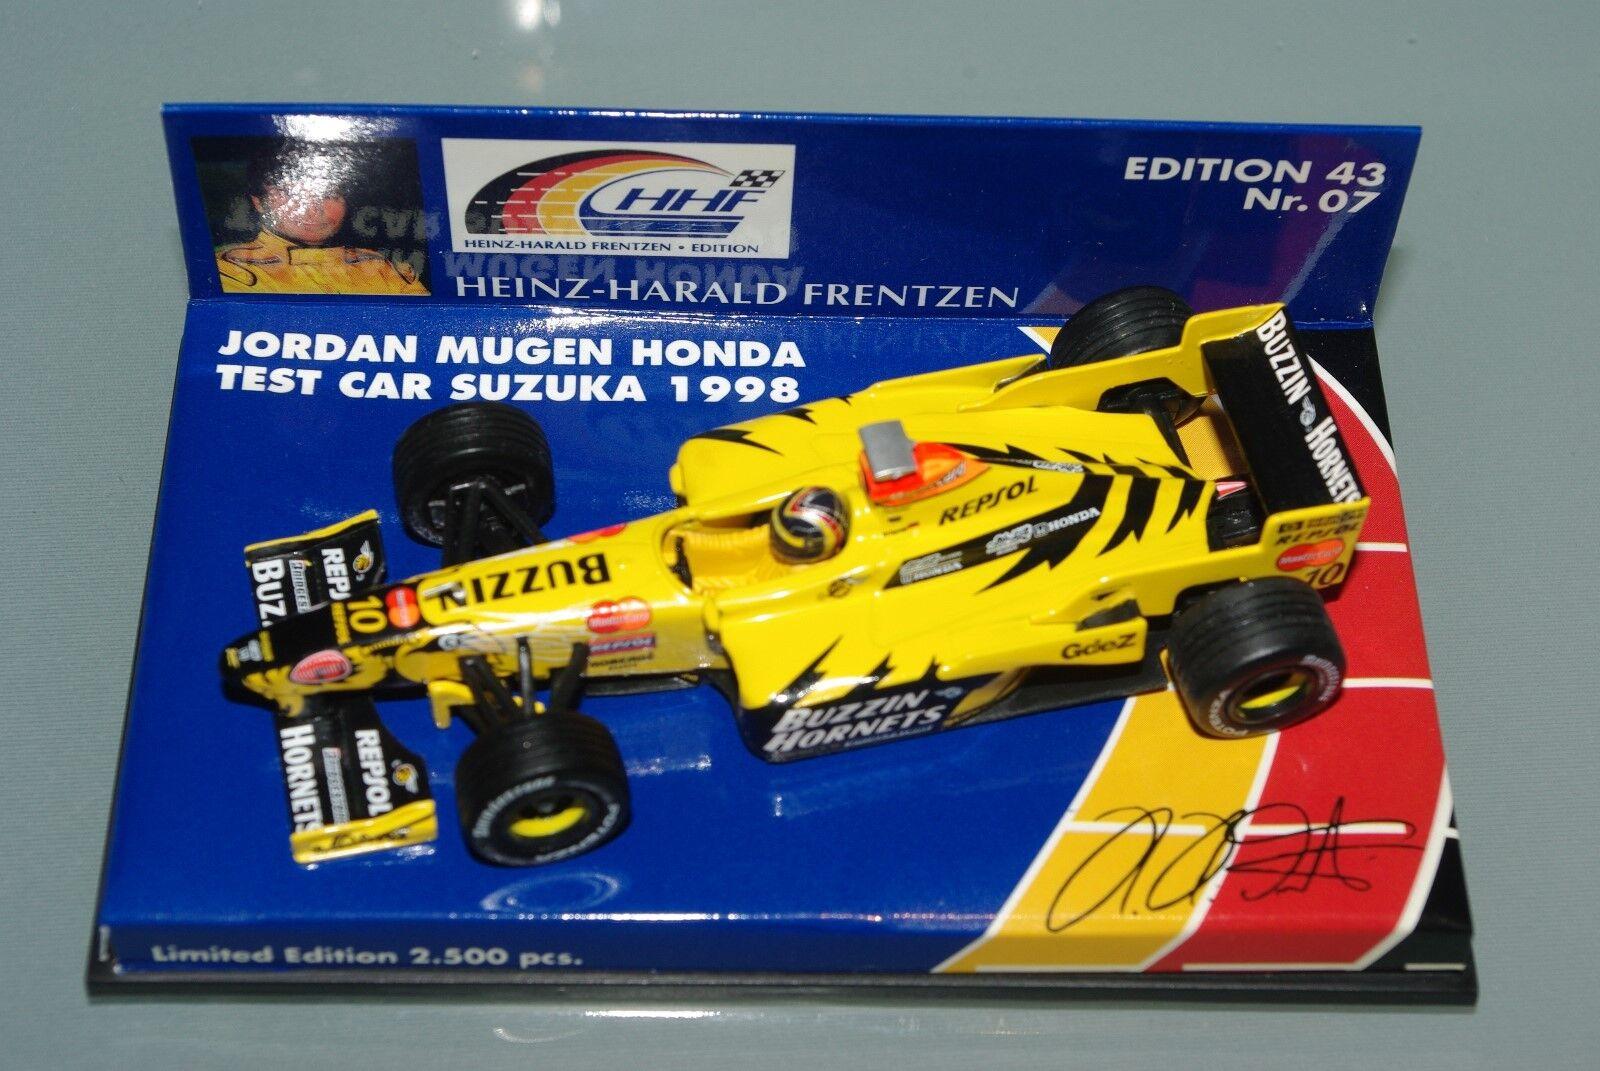 Minichamps F1 1 43 Jordan Mugen Honda prueba coche Suzuka 1998-HH Frentzen